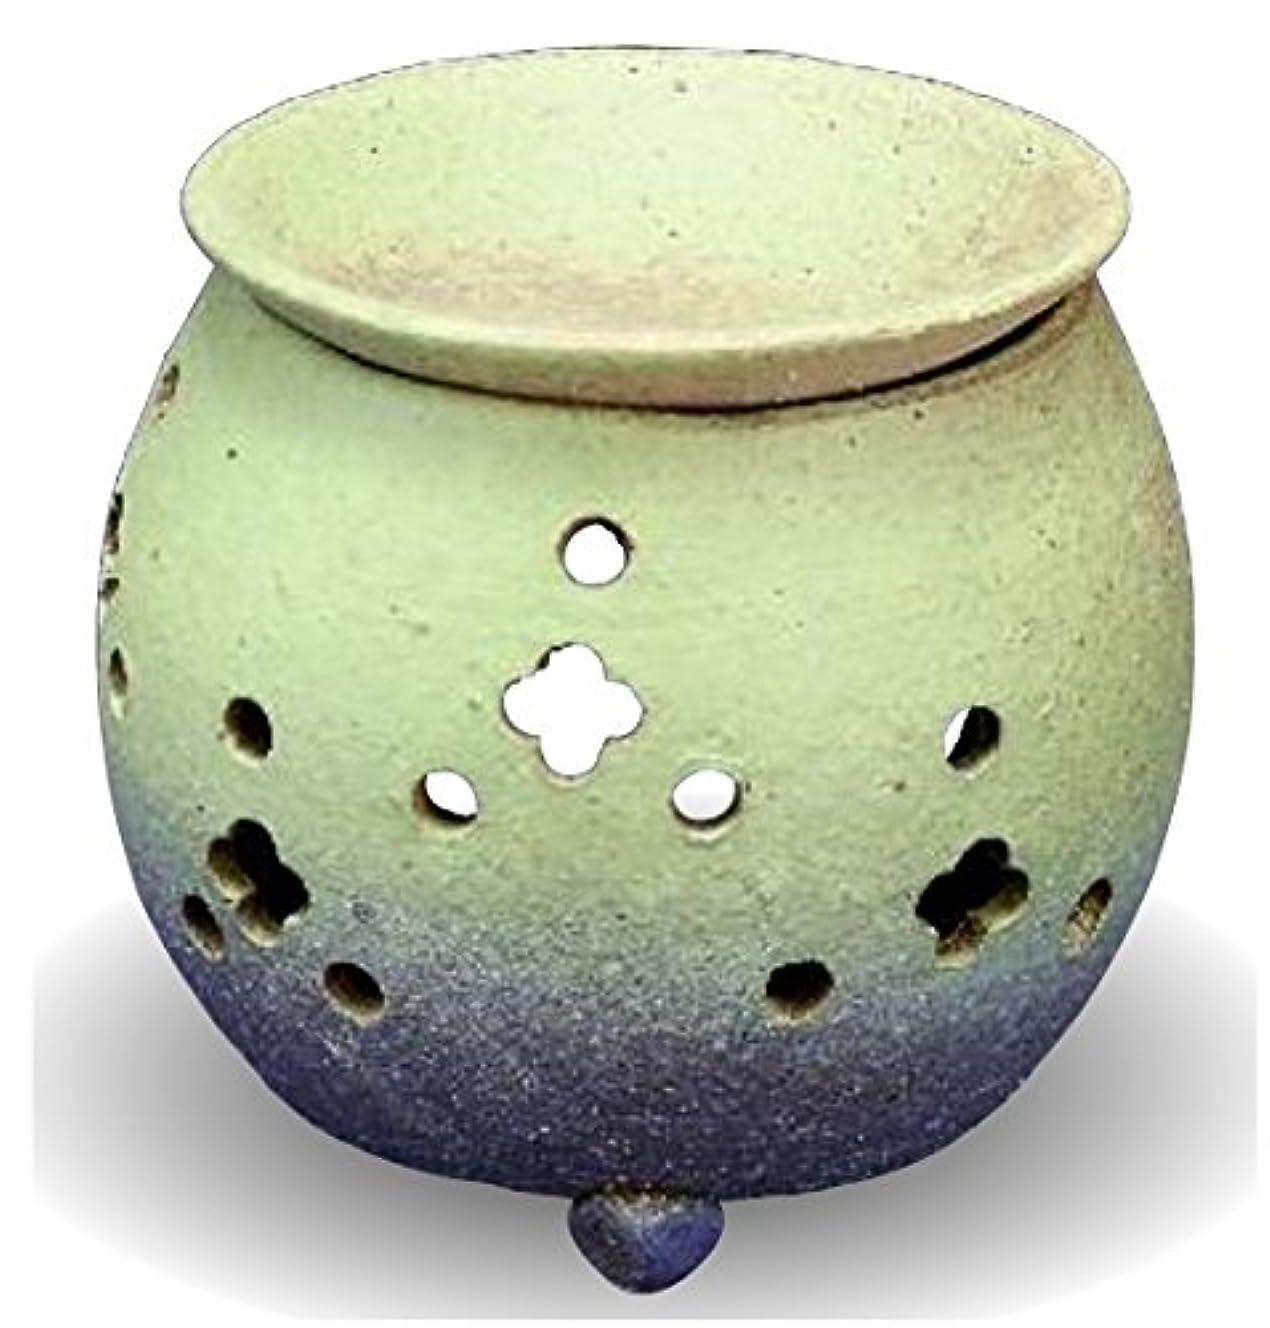 構想する社会科刺す常滑焼 茶香炉(アロマポット)径10×高さ11.5cm